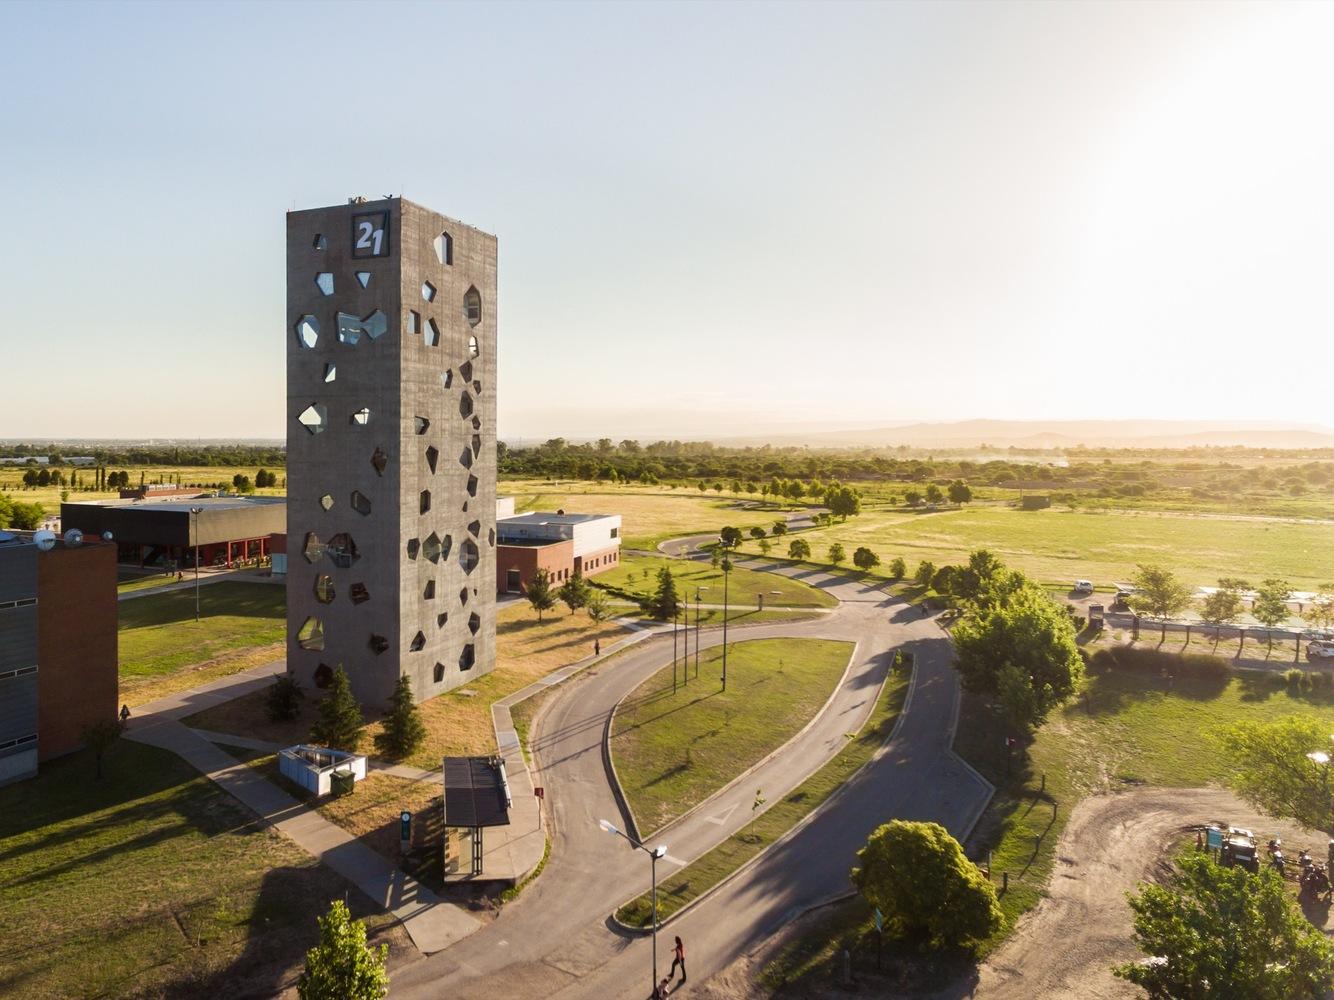 edificio-experimenta-21-mgm-arquitectos-gonzalo-viramonte-PRINCIPAL